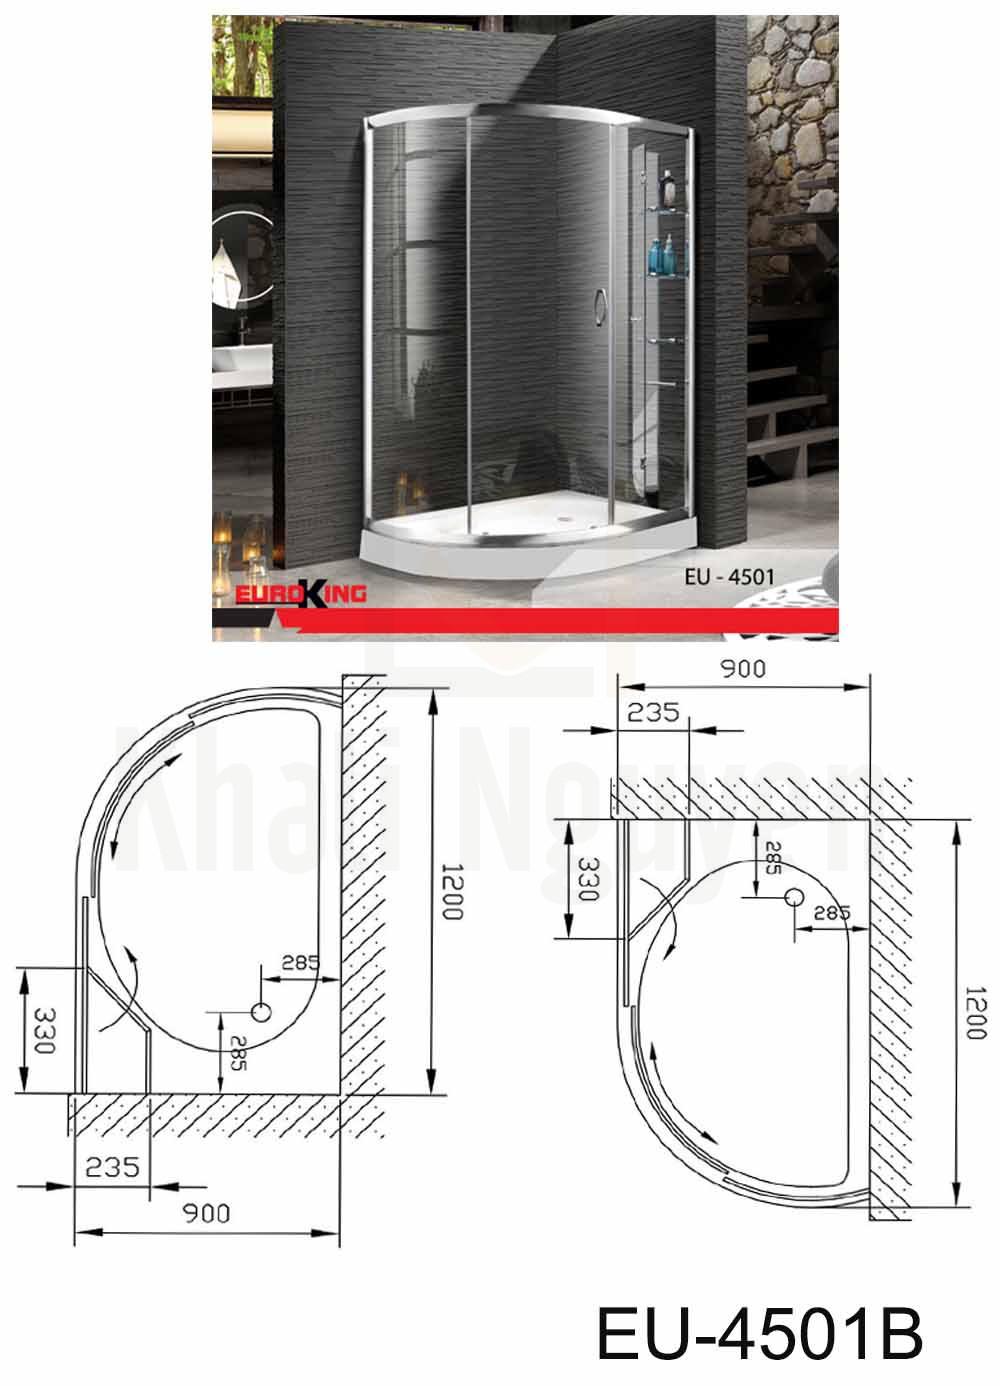 Bản vẽ Phòng tắm vách kính Euroking EU-4501